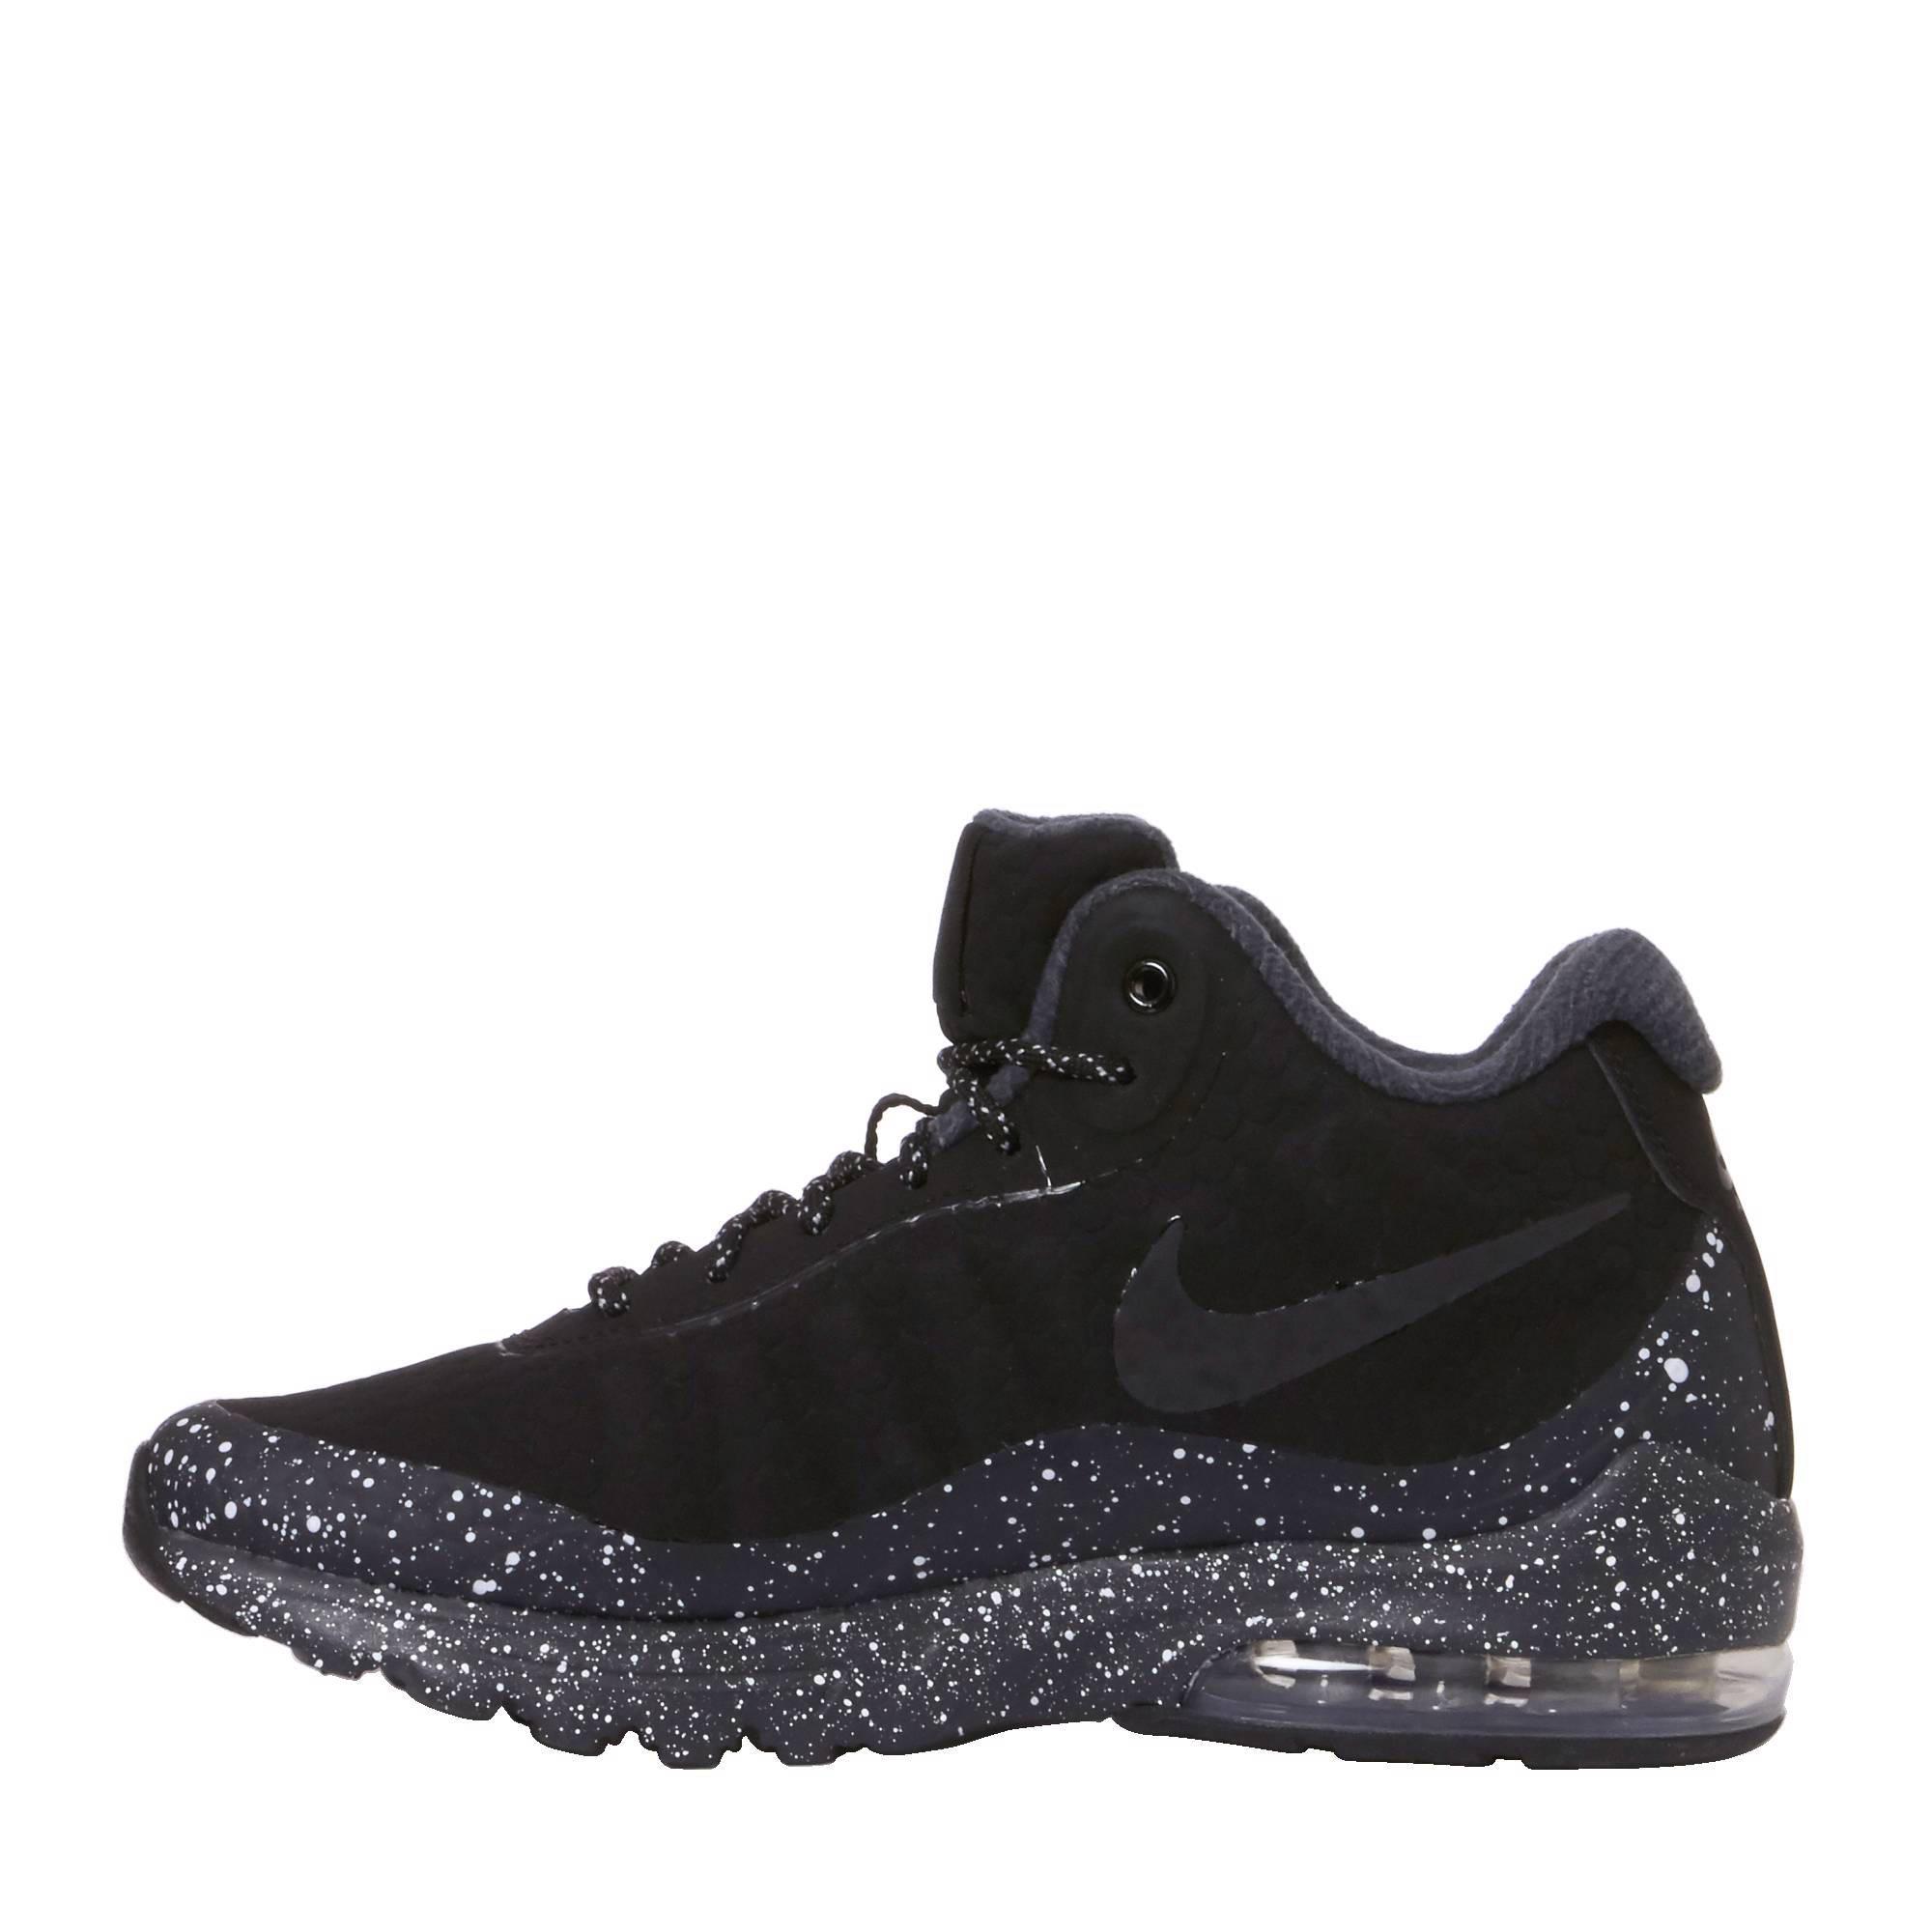 Nike Air Max Invigor sneakers